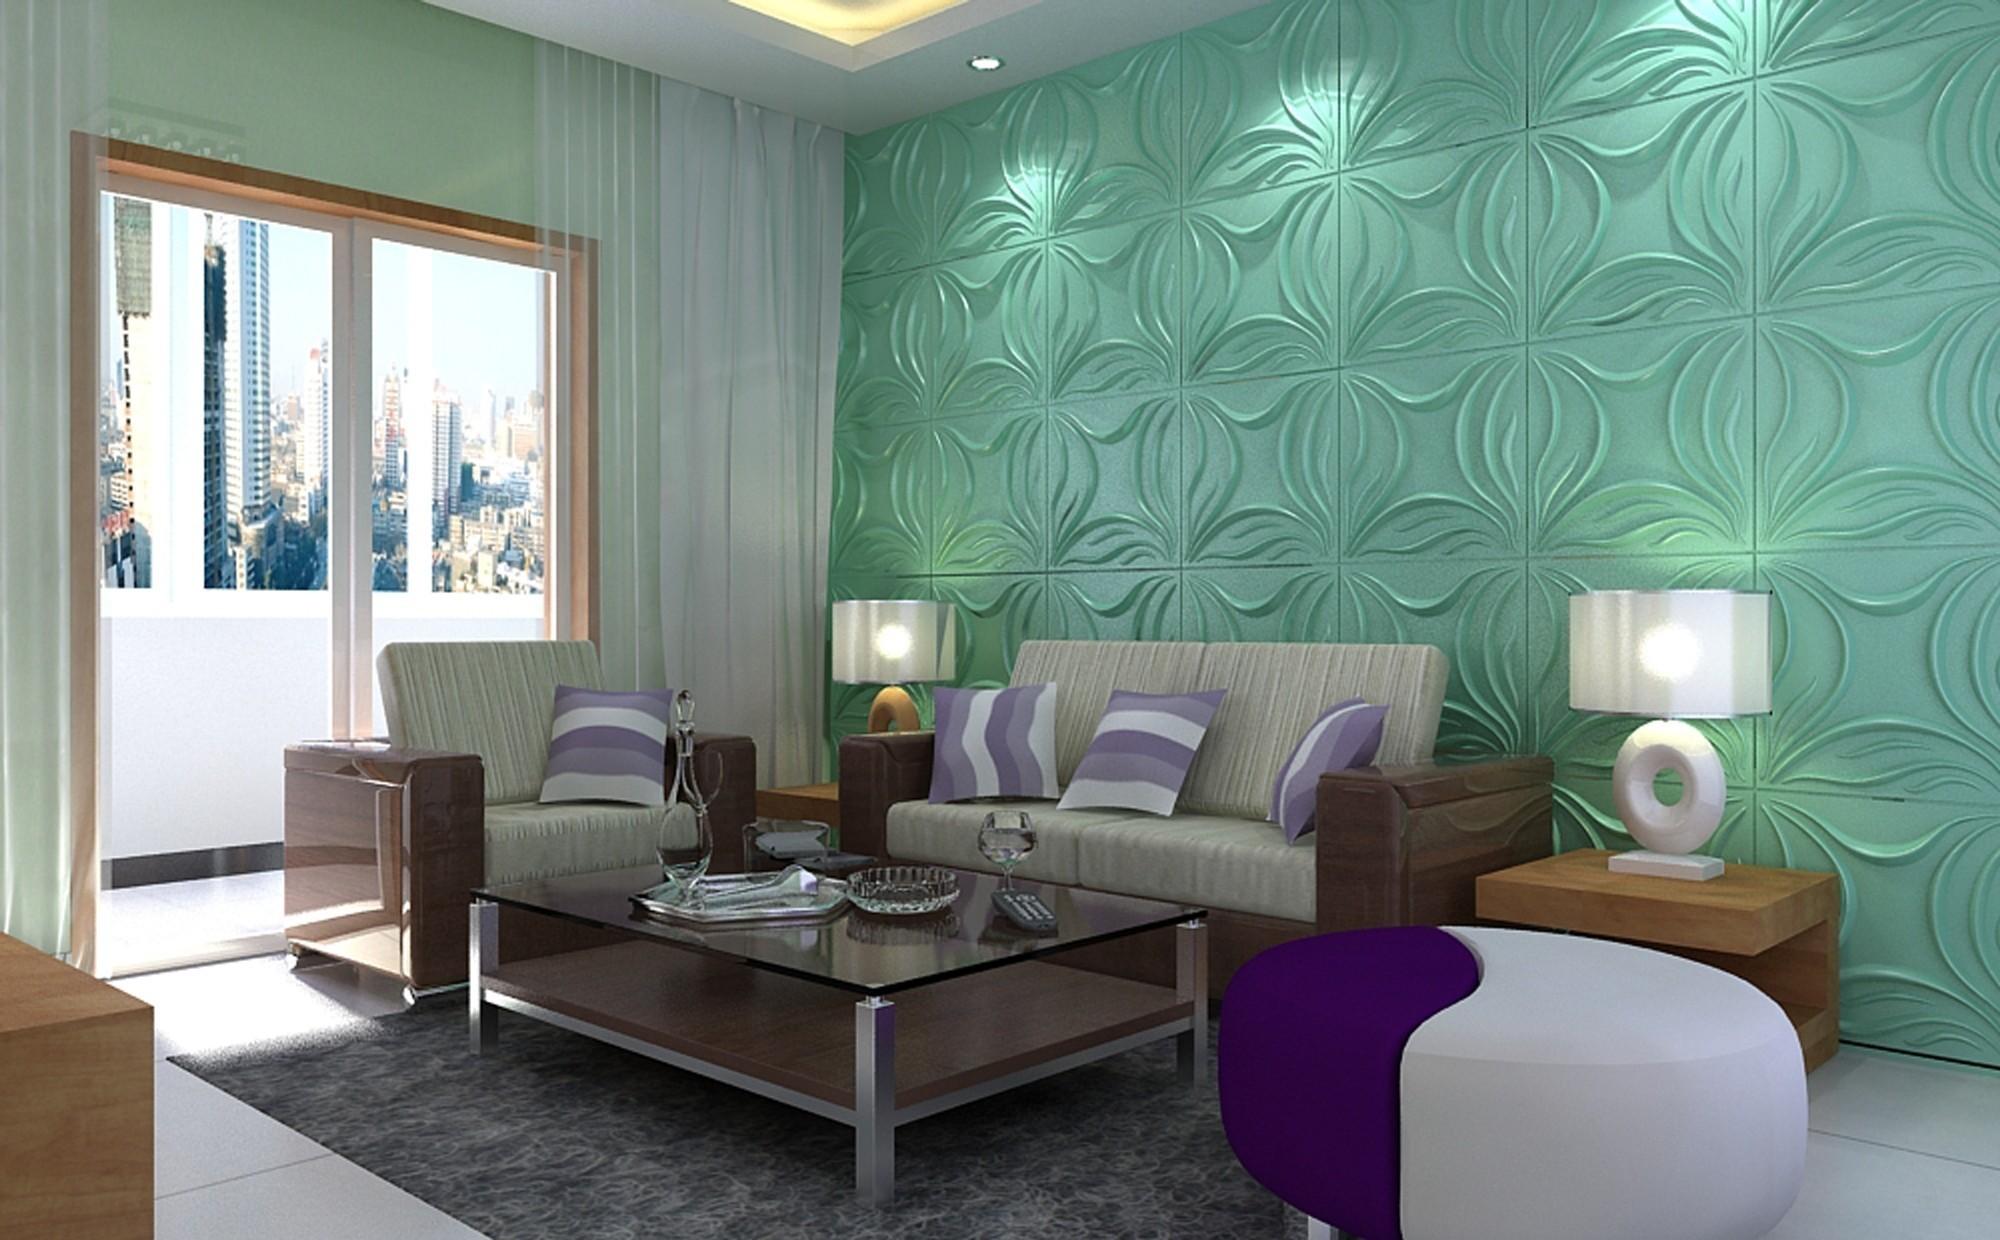 20 m2 paneele 3d platten deckenplatten wandplatten 3d wanddekor 50x50cm mavis sparpakete 3d. Black Bedroom Furniture Sets. Home Design Ideas